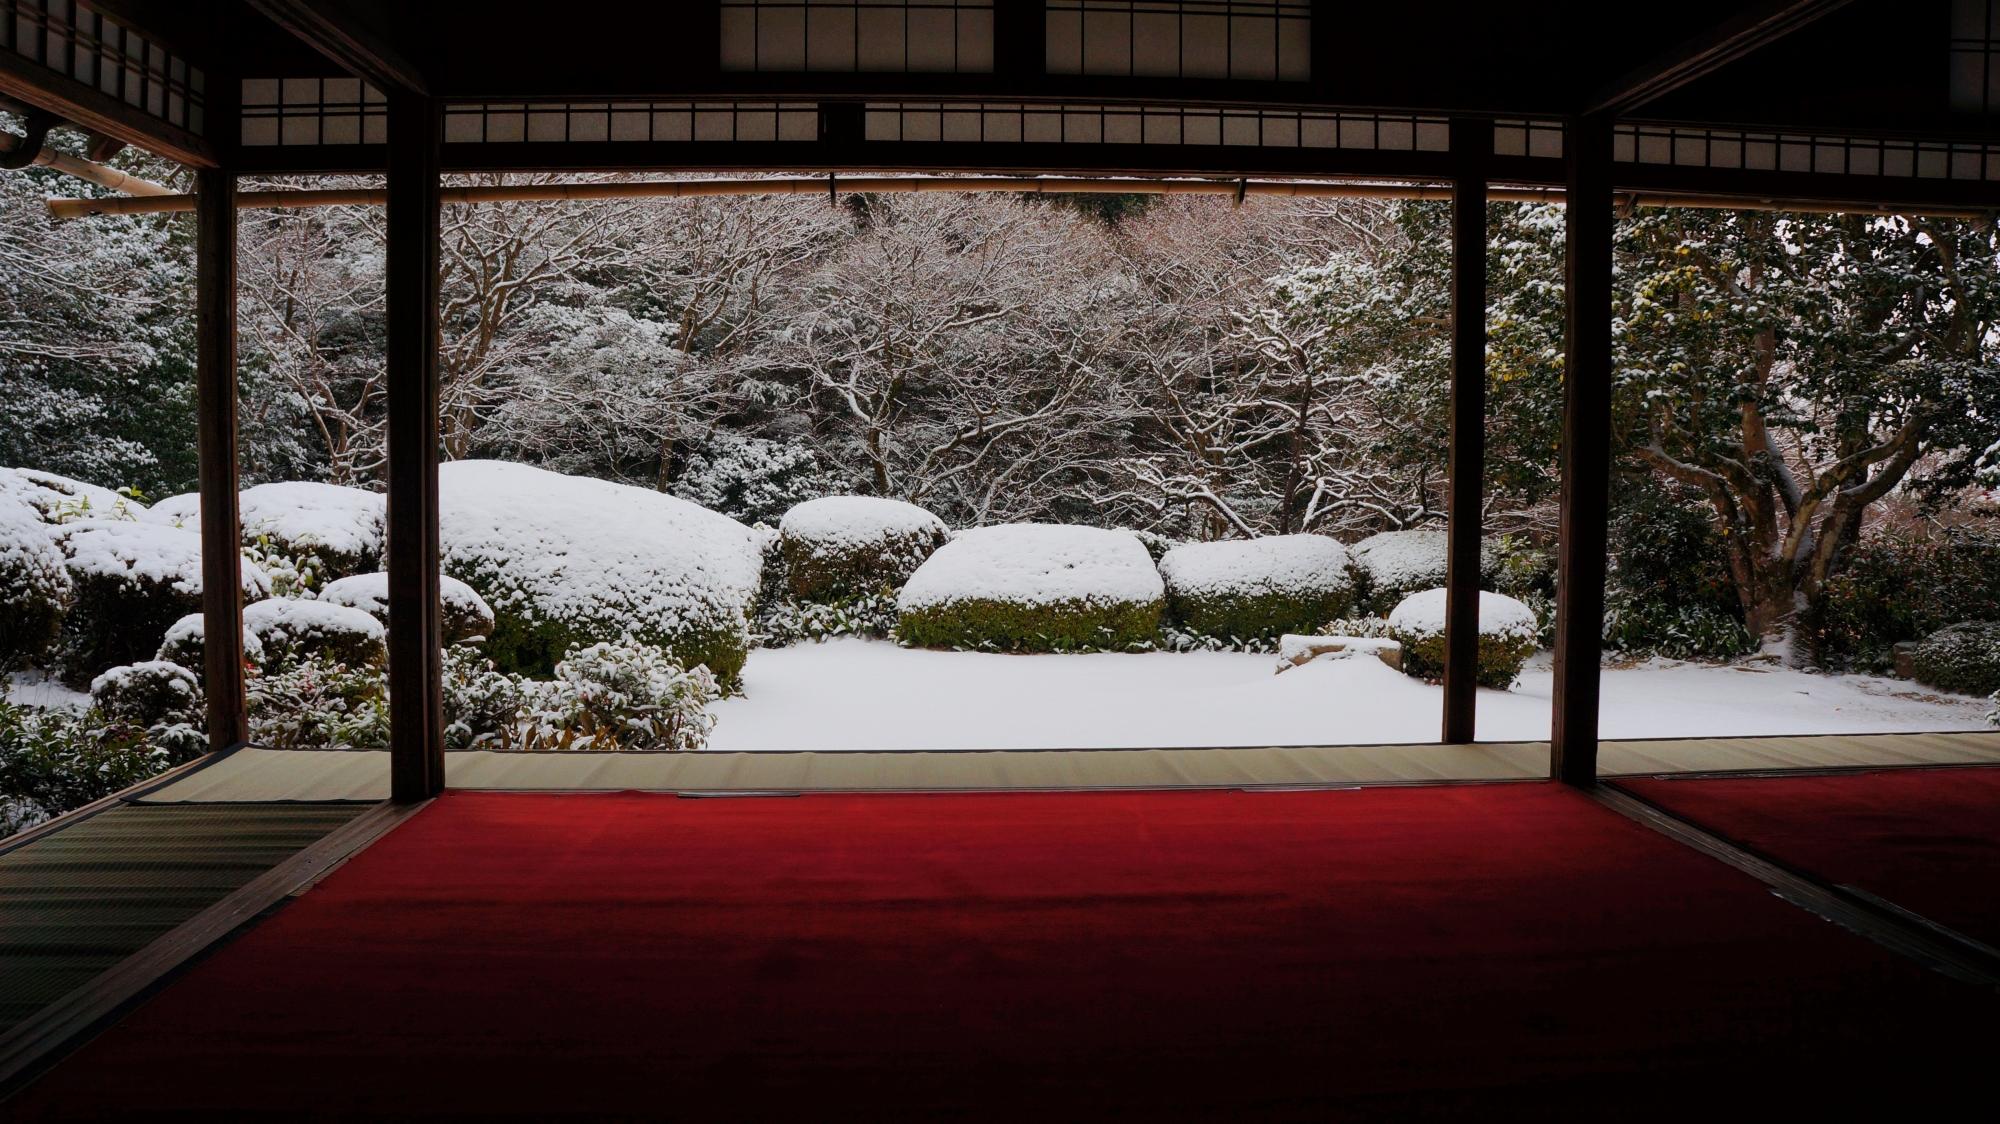 猟芸巣(りょうげいそう)の雪景色